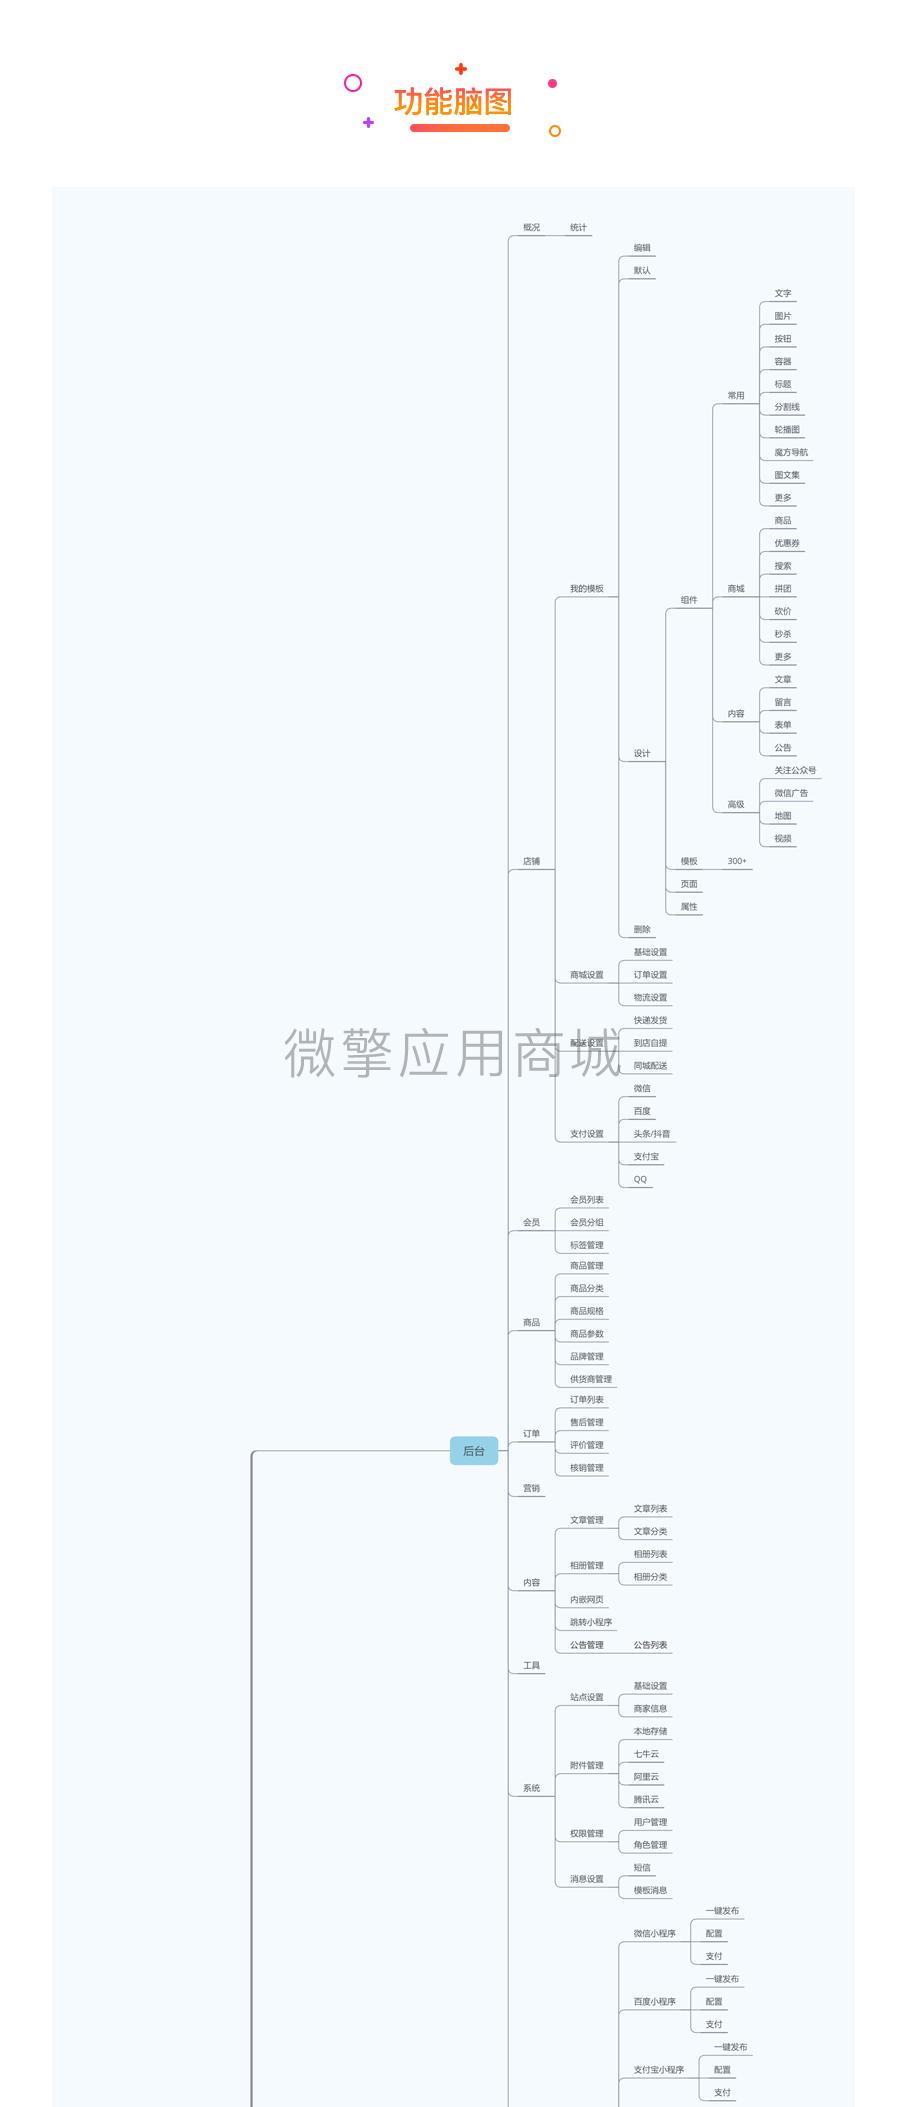 壹佰智慧商城03修_05.png